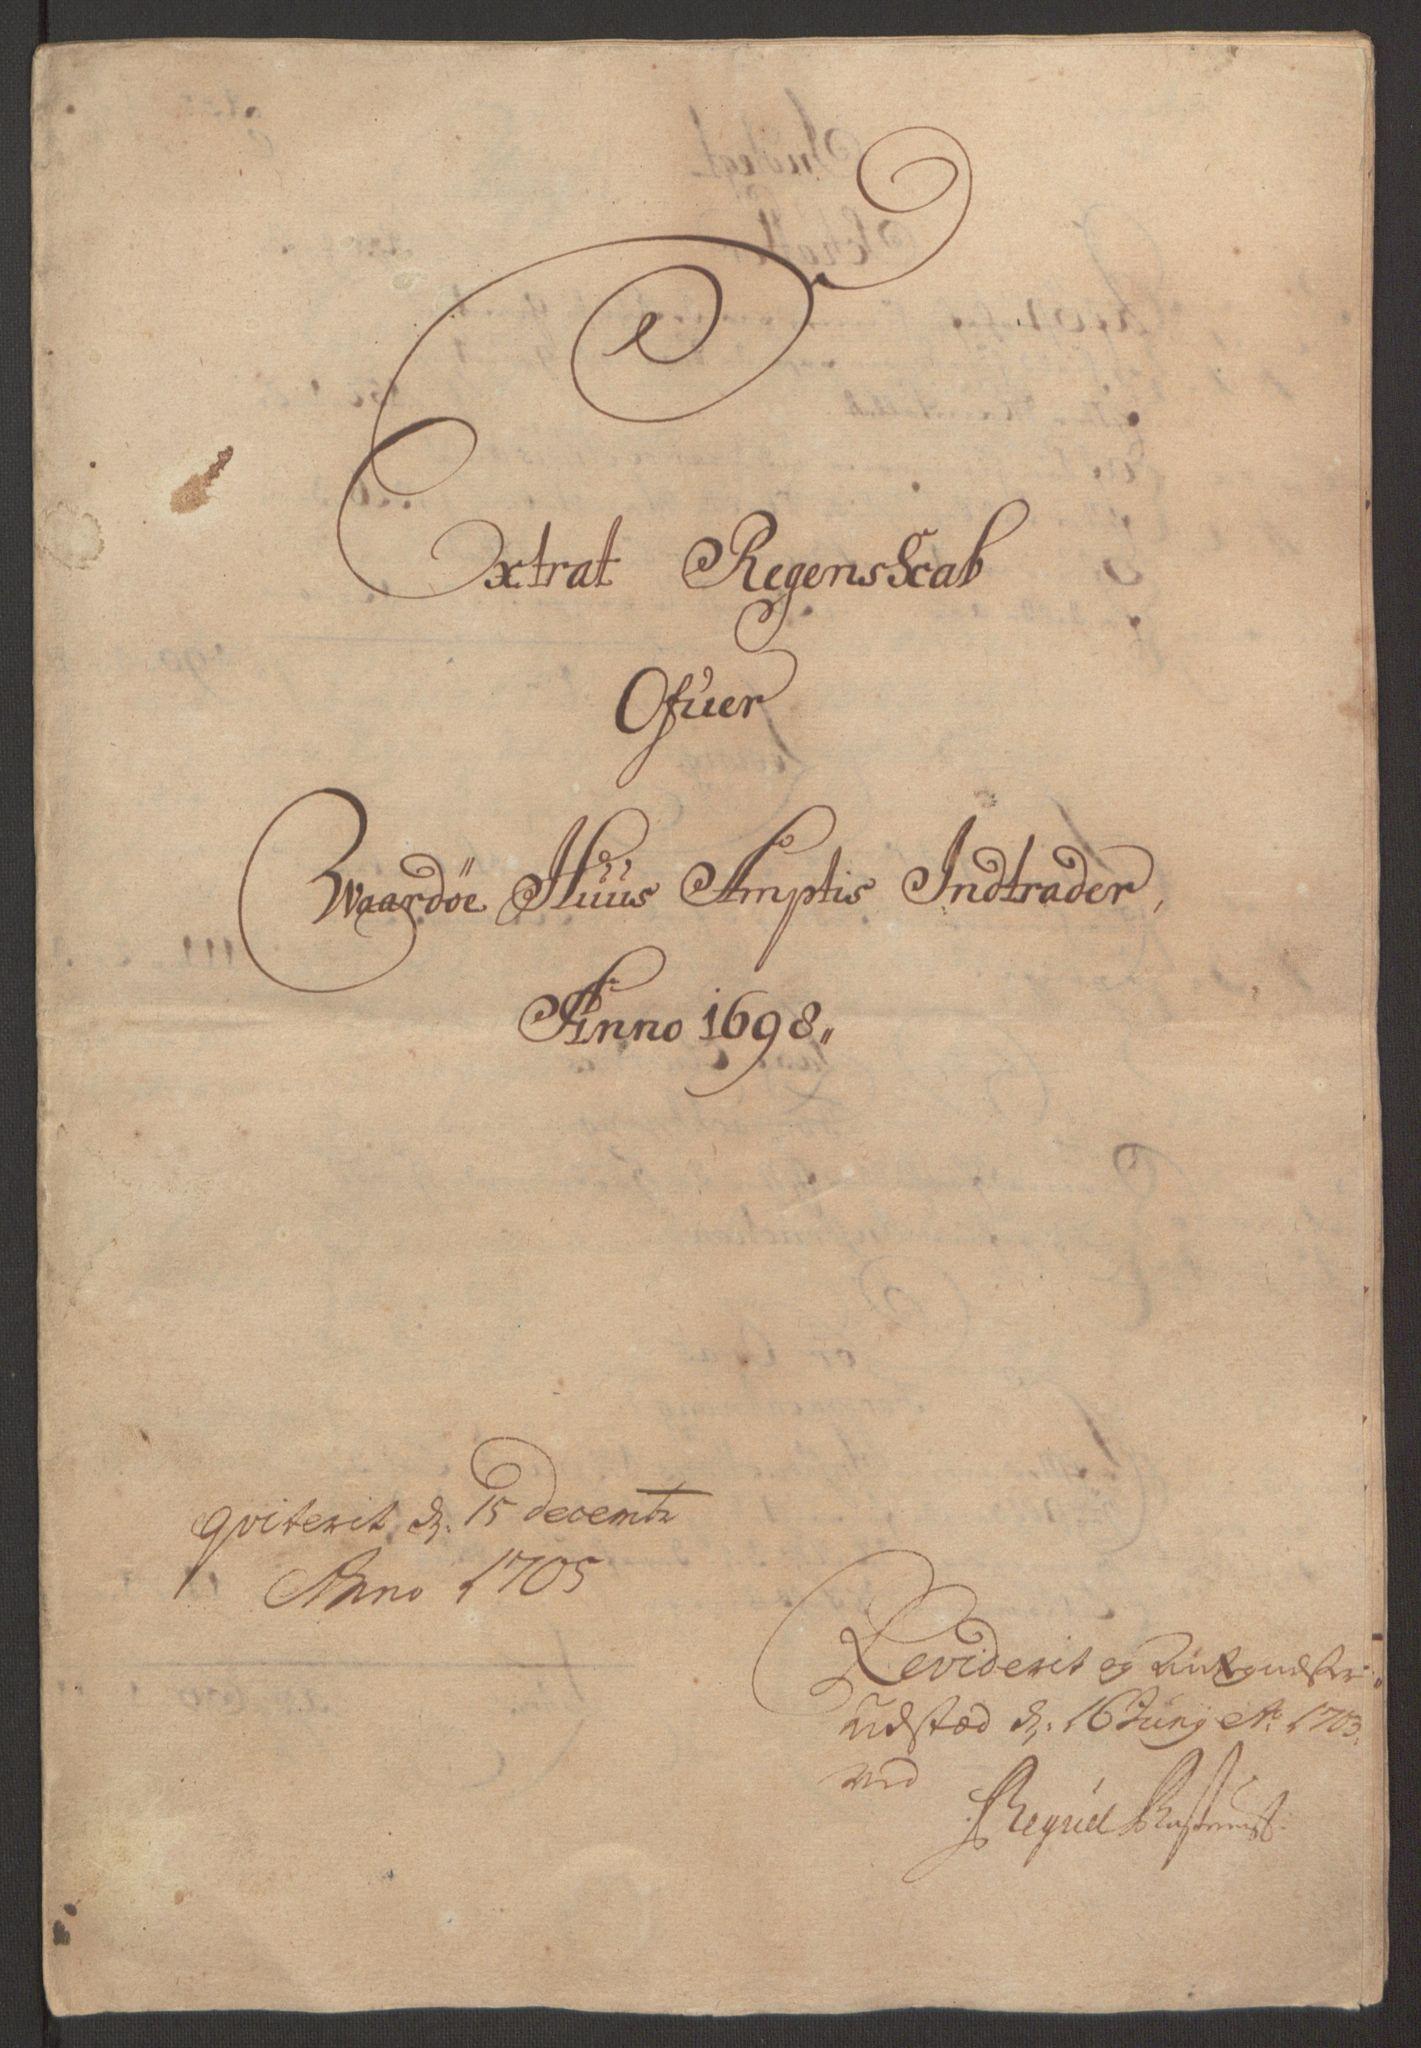 RA, Rentekammeret inntil 1814, Reviderte regnskaper, Fogderegnskap, R69/L4851: Fogderegnskap Finnmark/Vardøhus, 1691-1700, s. 346